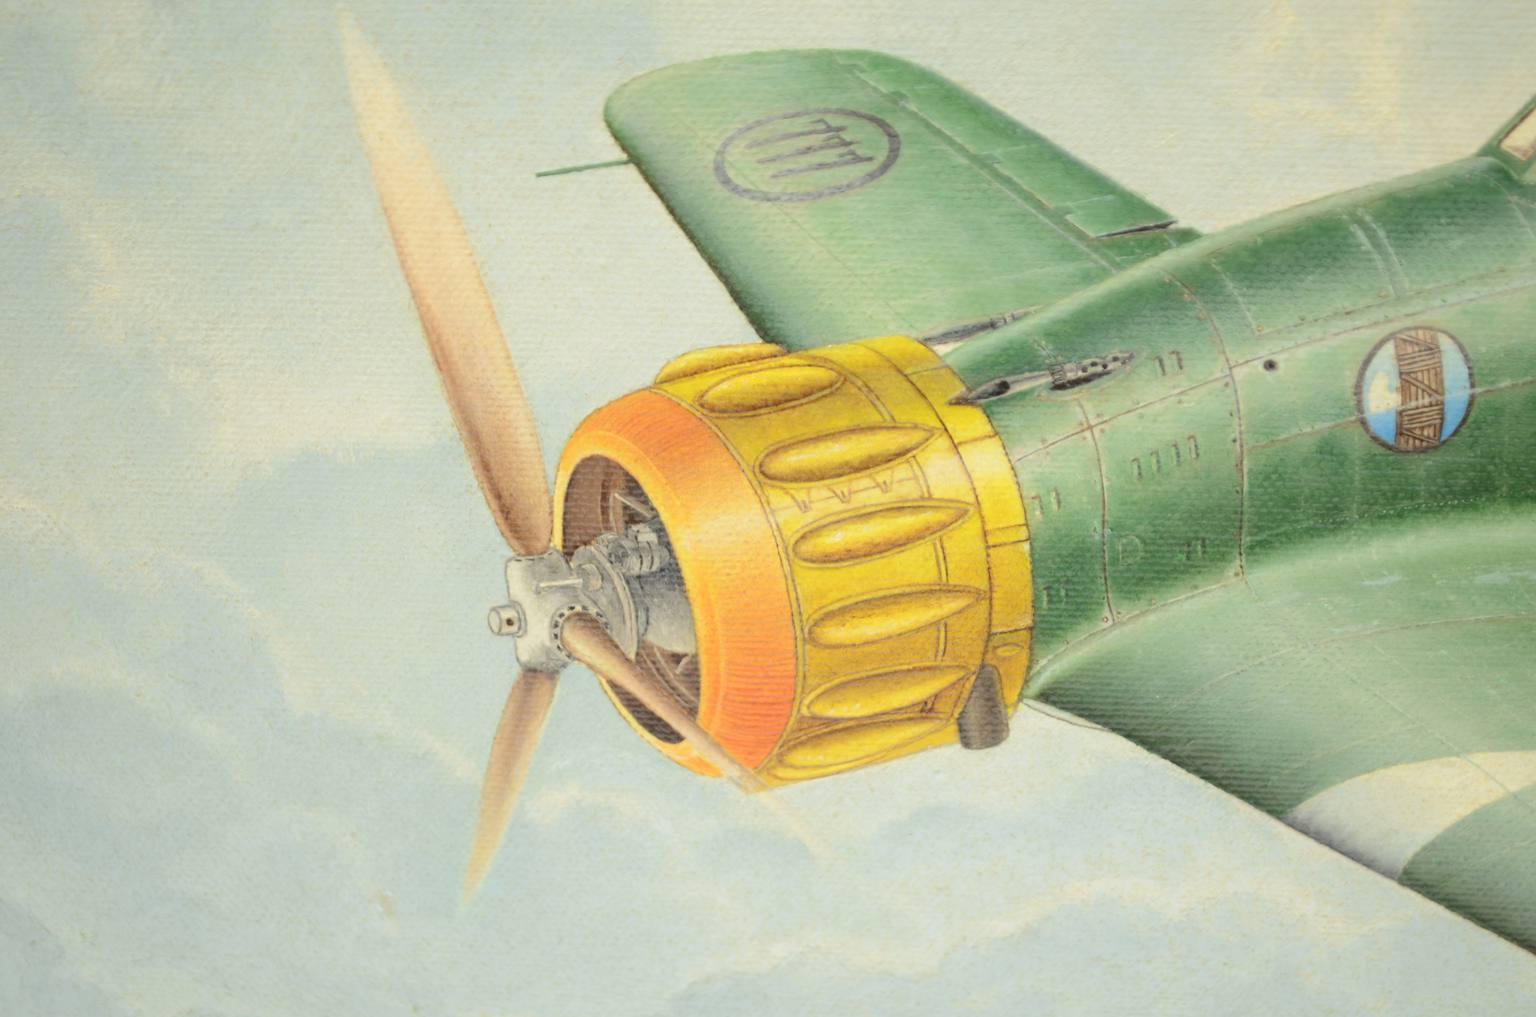 Aerei d'epoca/5957-Aerei Macchi Spauracchio